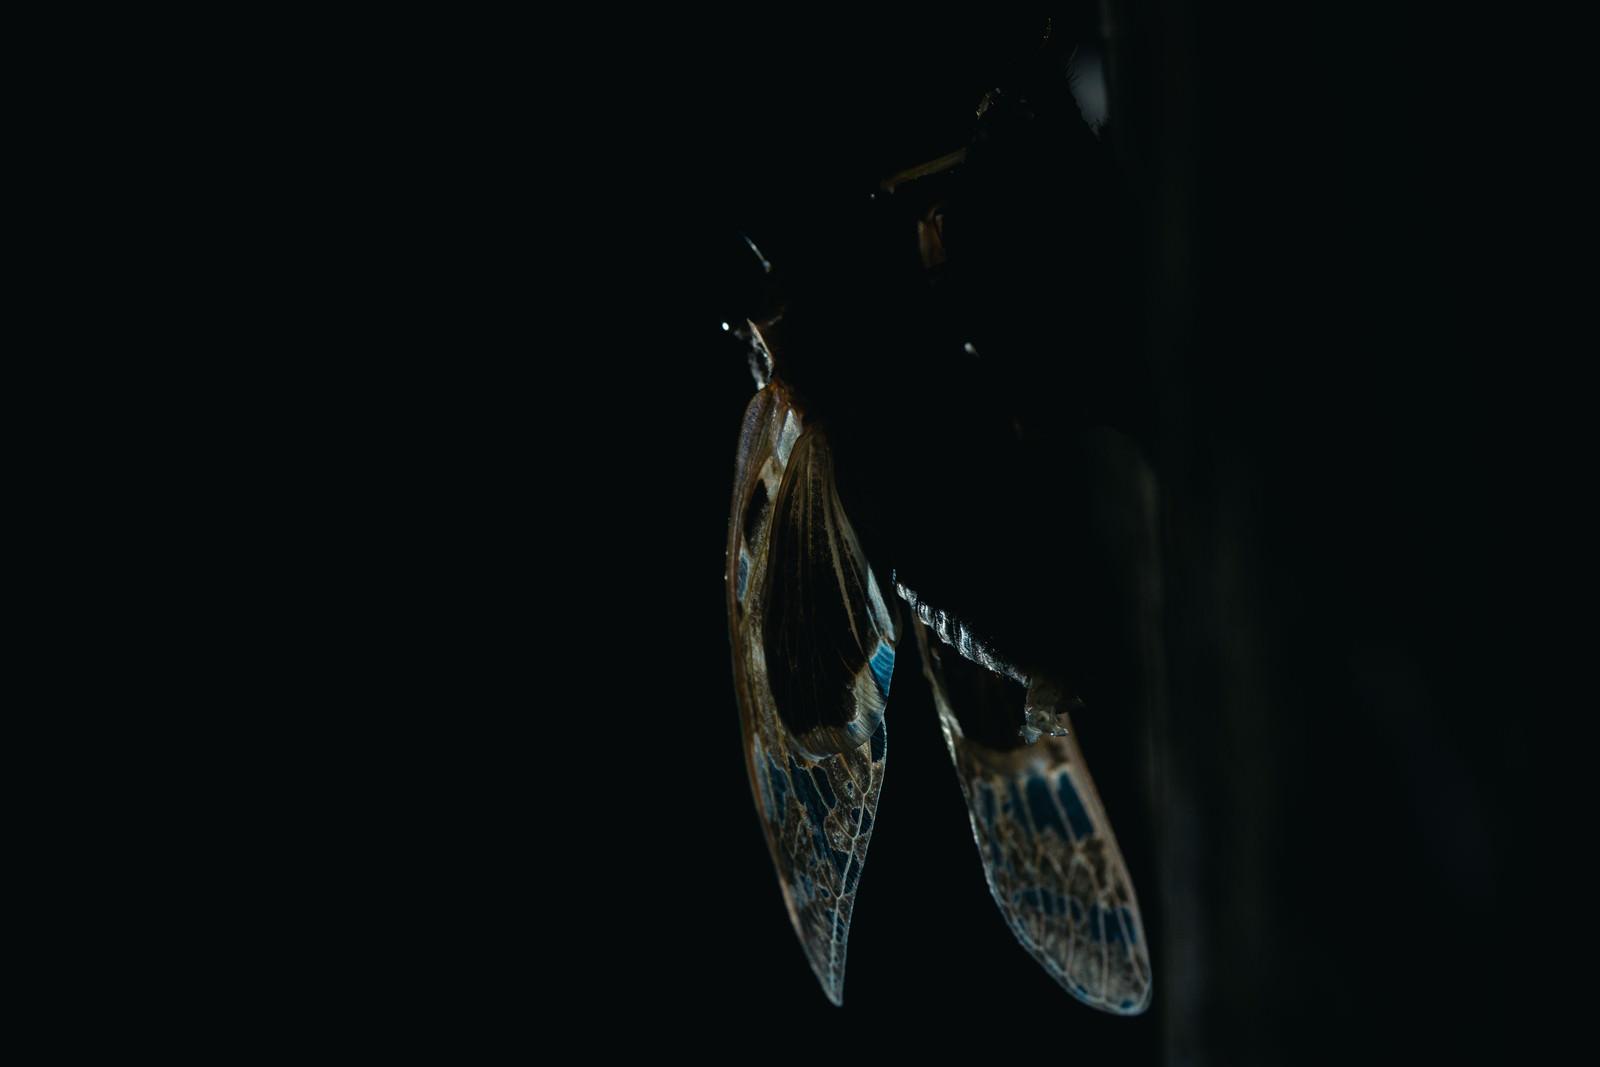 「羽化したばかりの蝉の羽」の写真